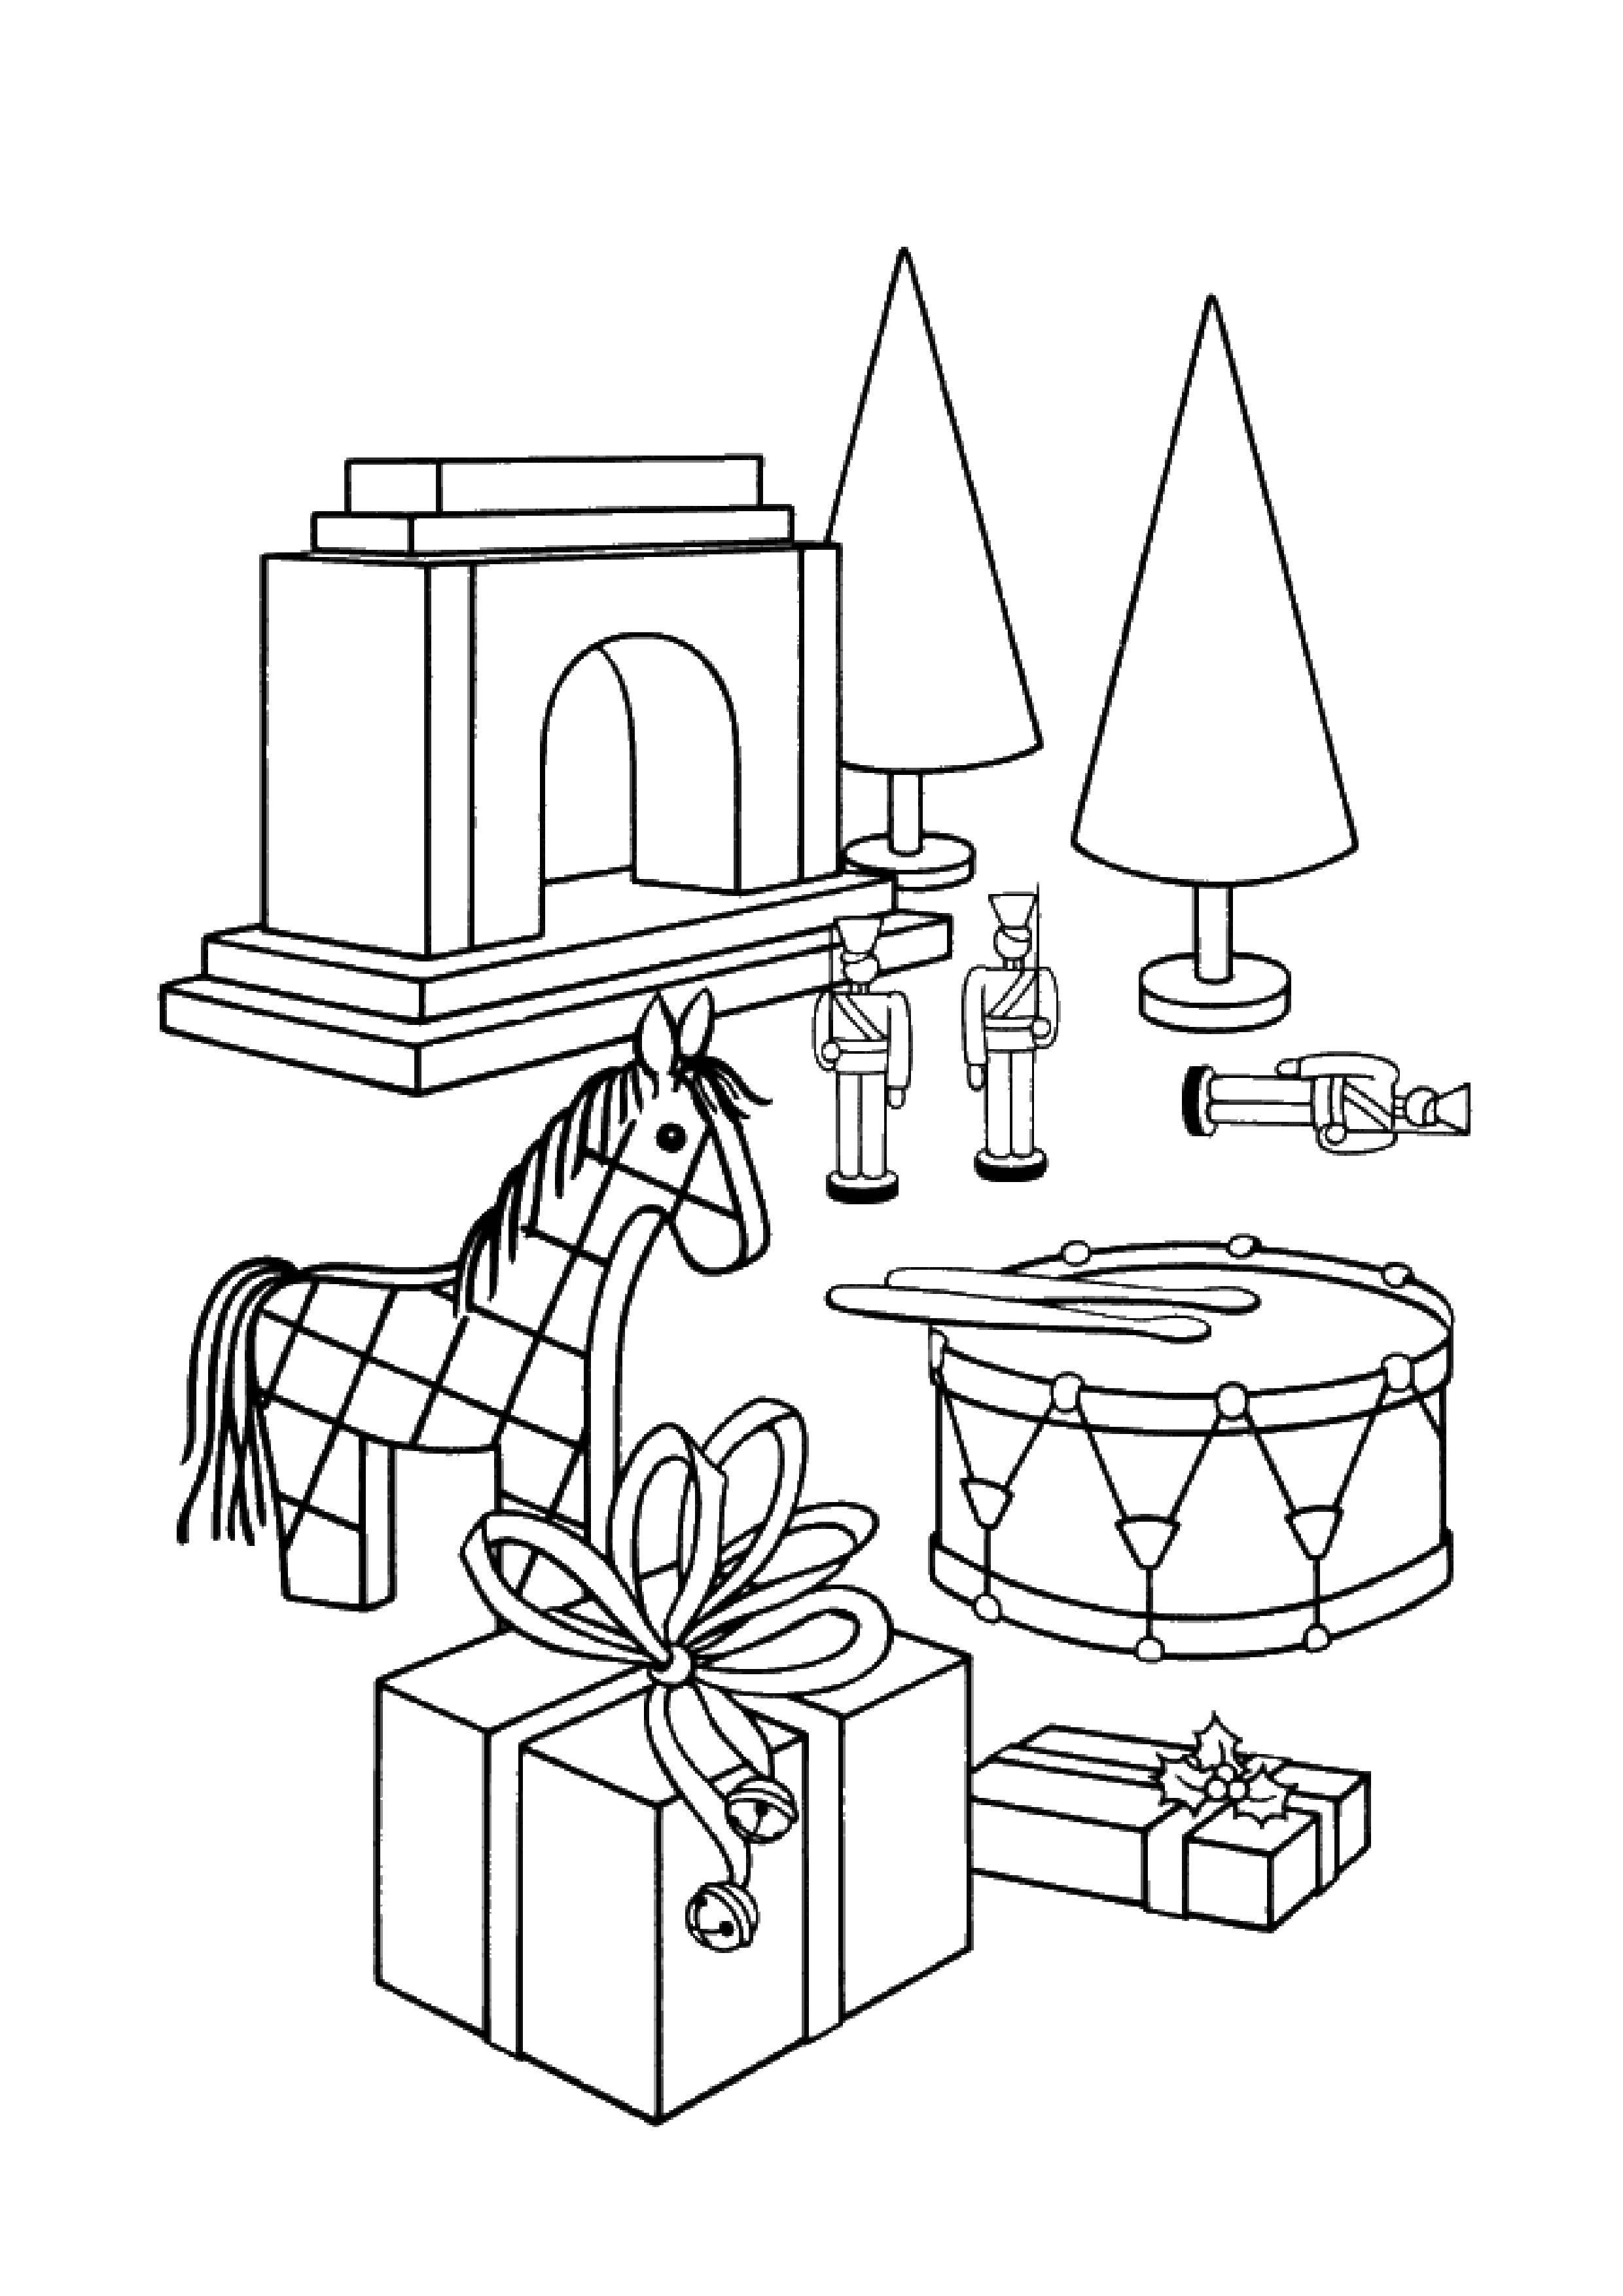 Раскраски Игрушки Раскраски Игрушки, раскраски для детей про игрушки, раскраски для малышей